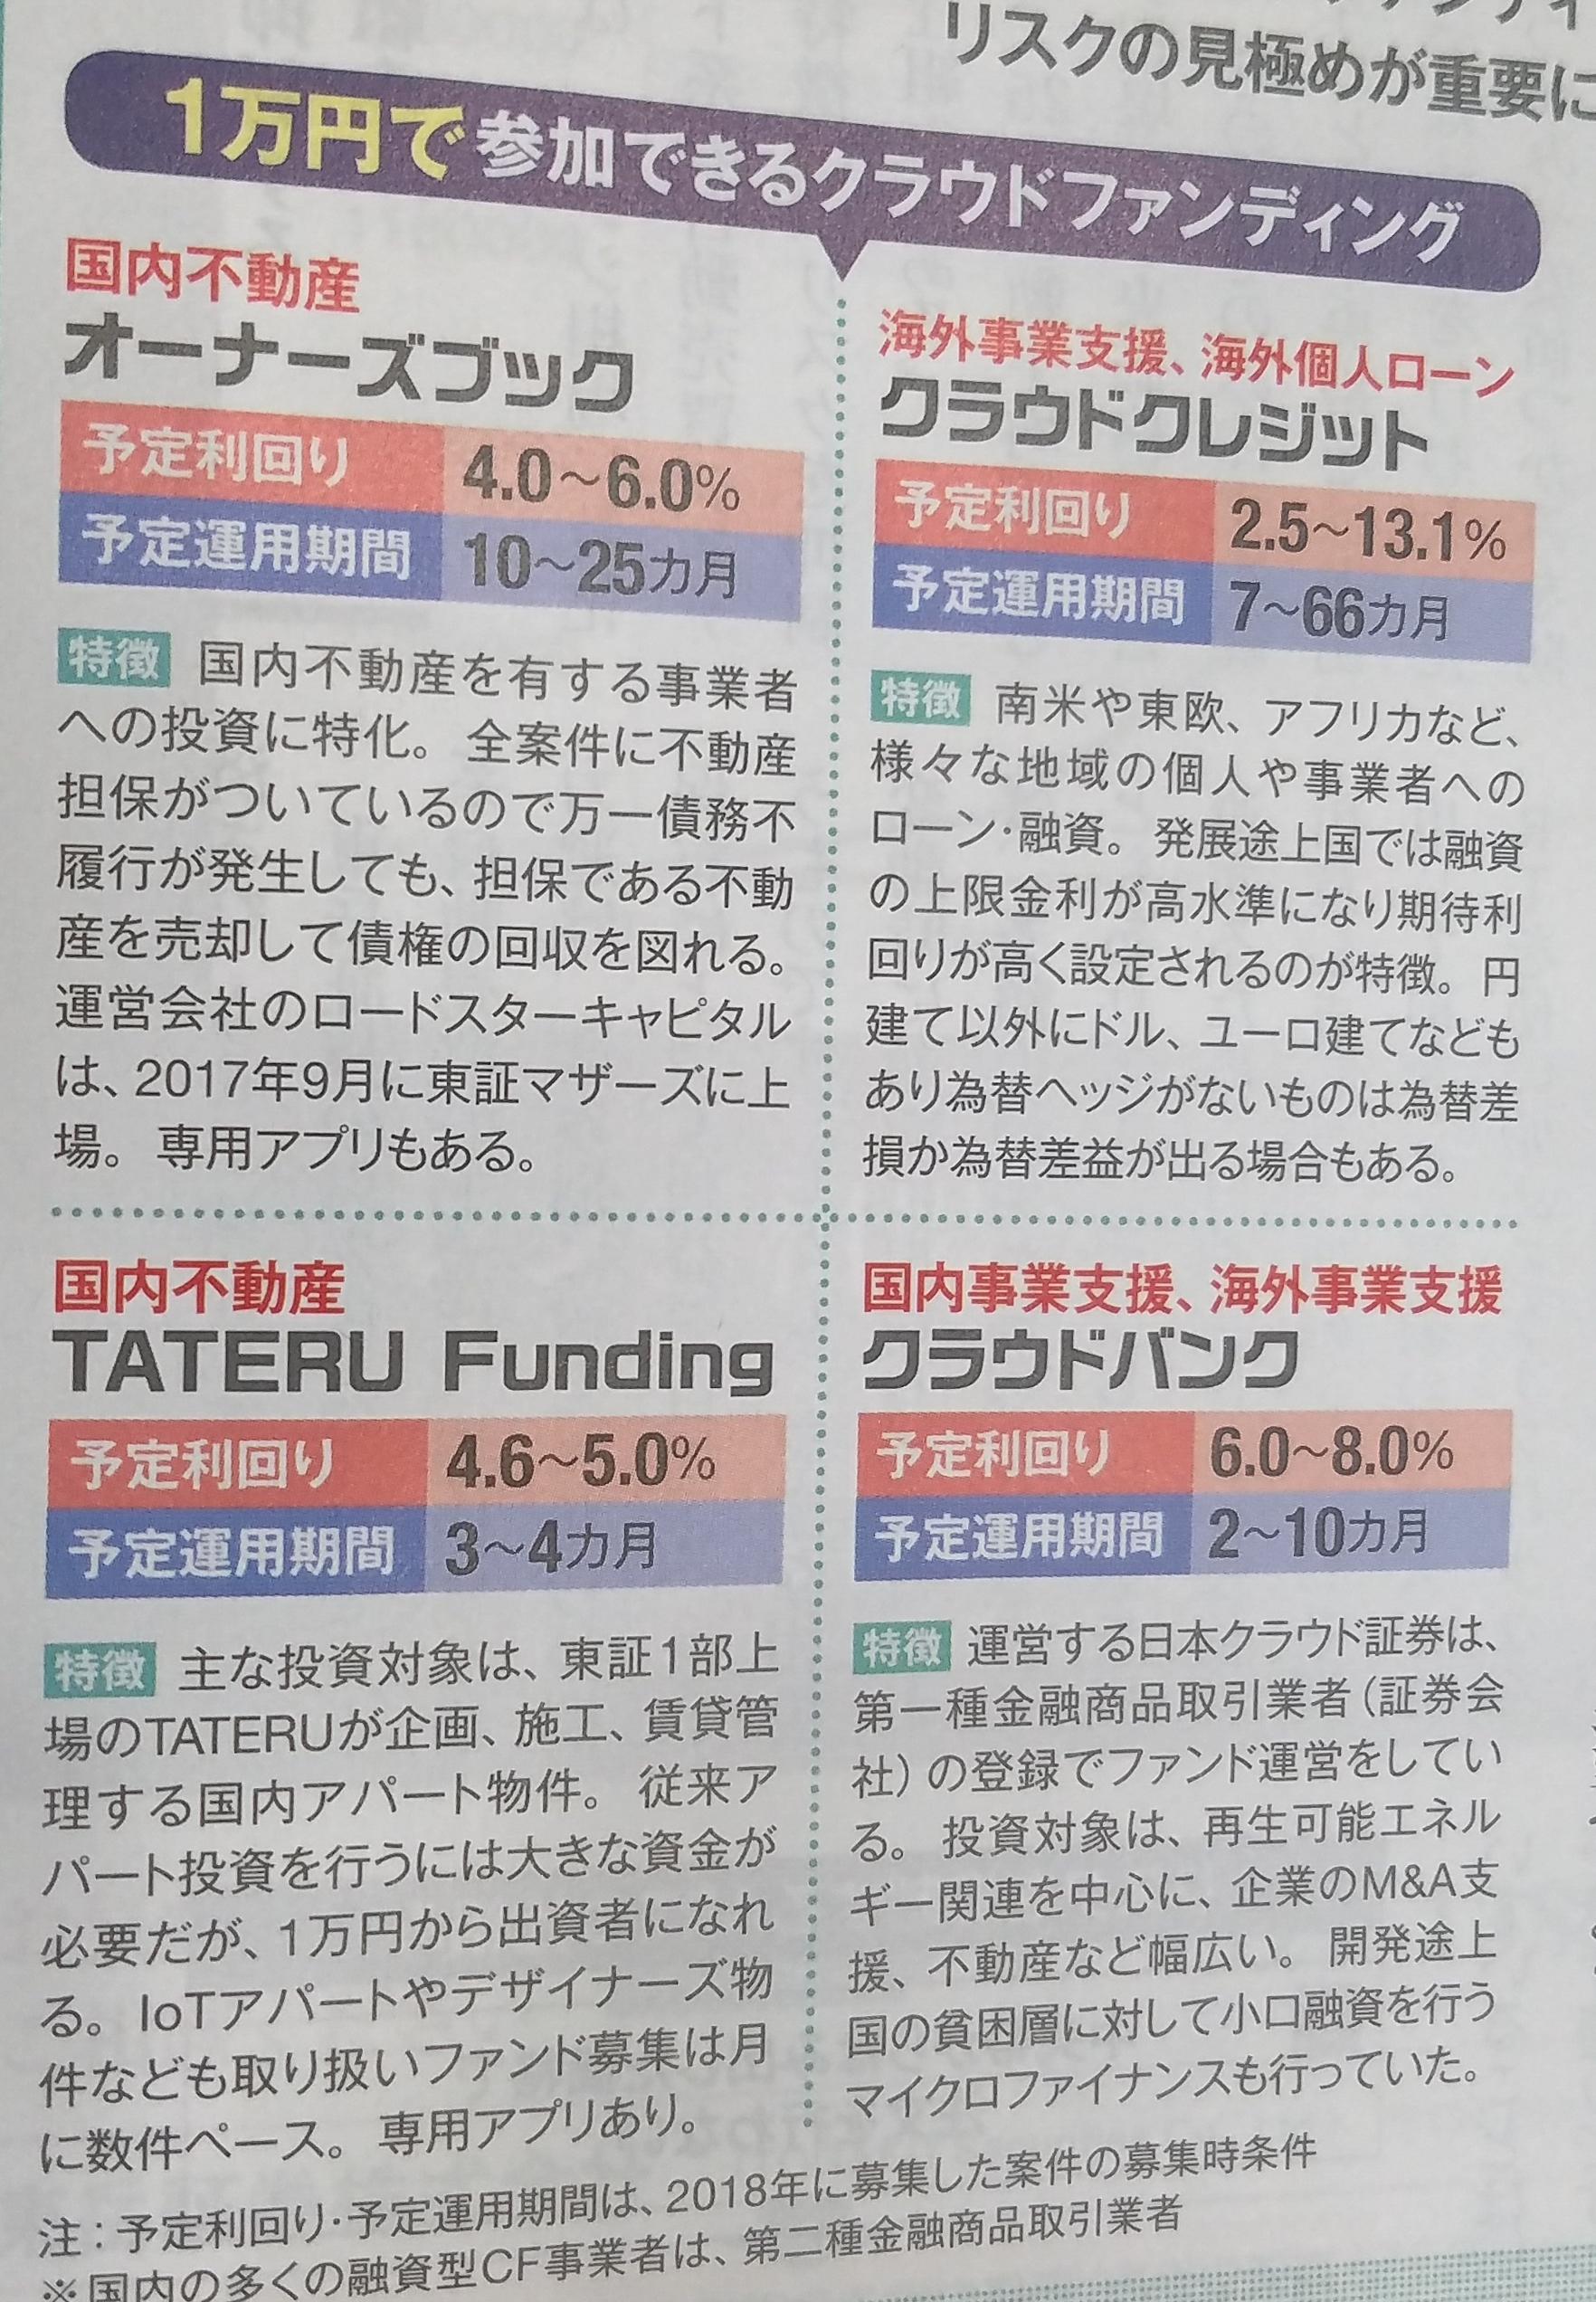 日経マネー2018年07月号投資型クラウドファンディング紹介2